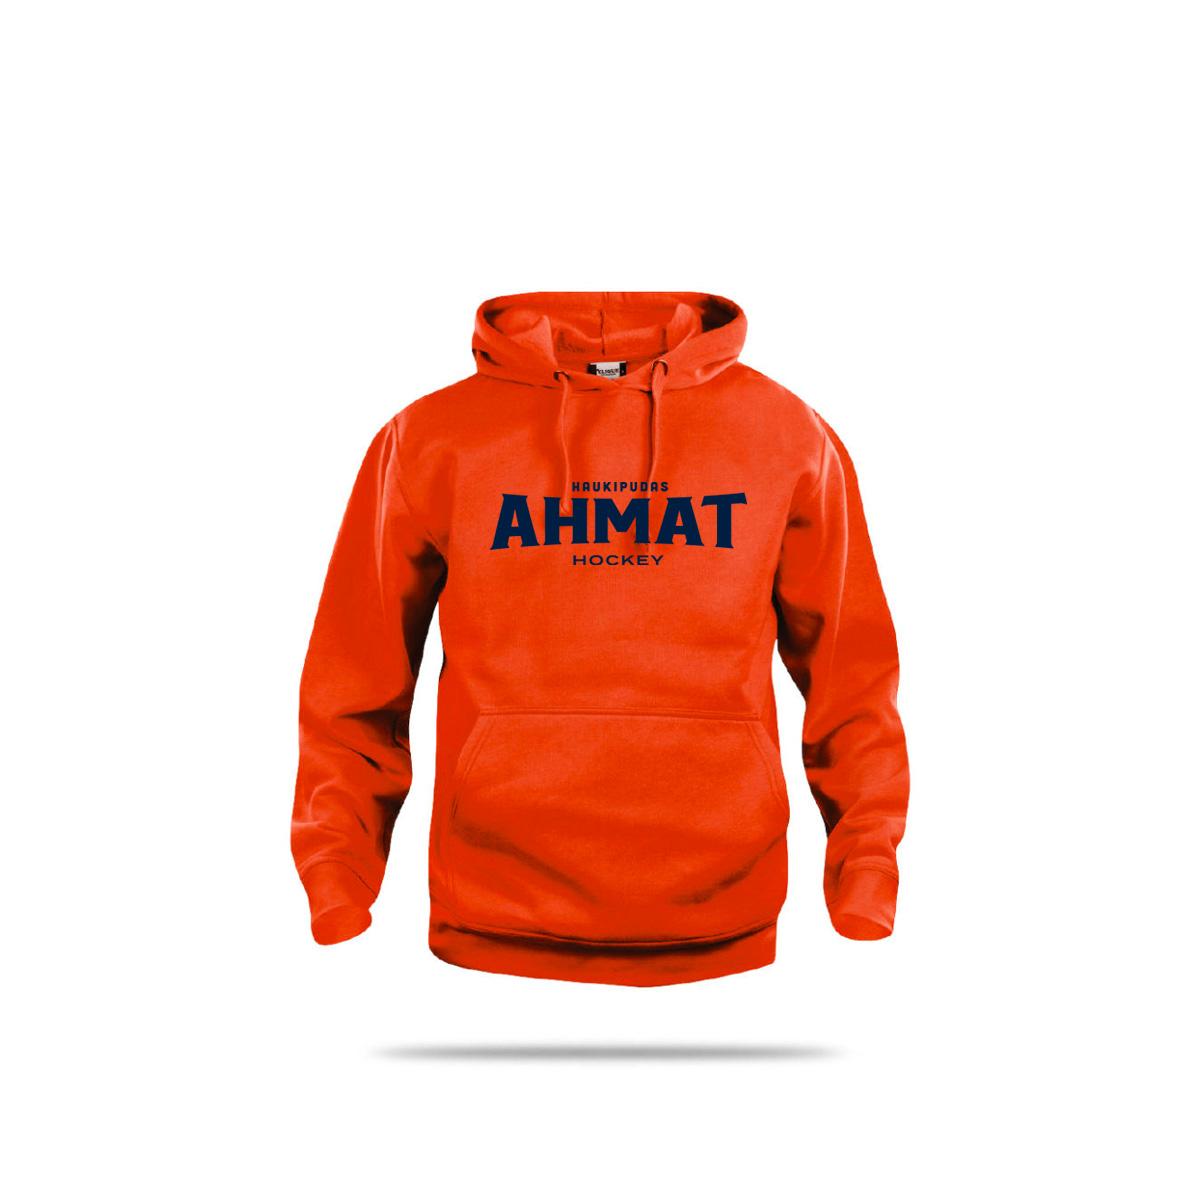 Ahmat-fani-3026-oranssi-text